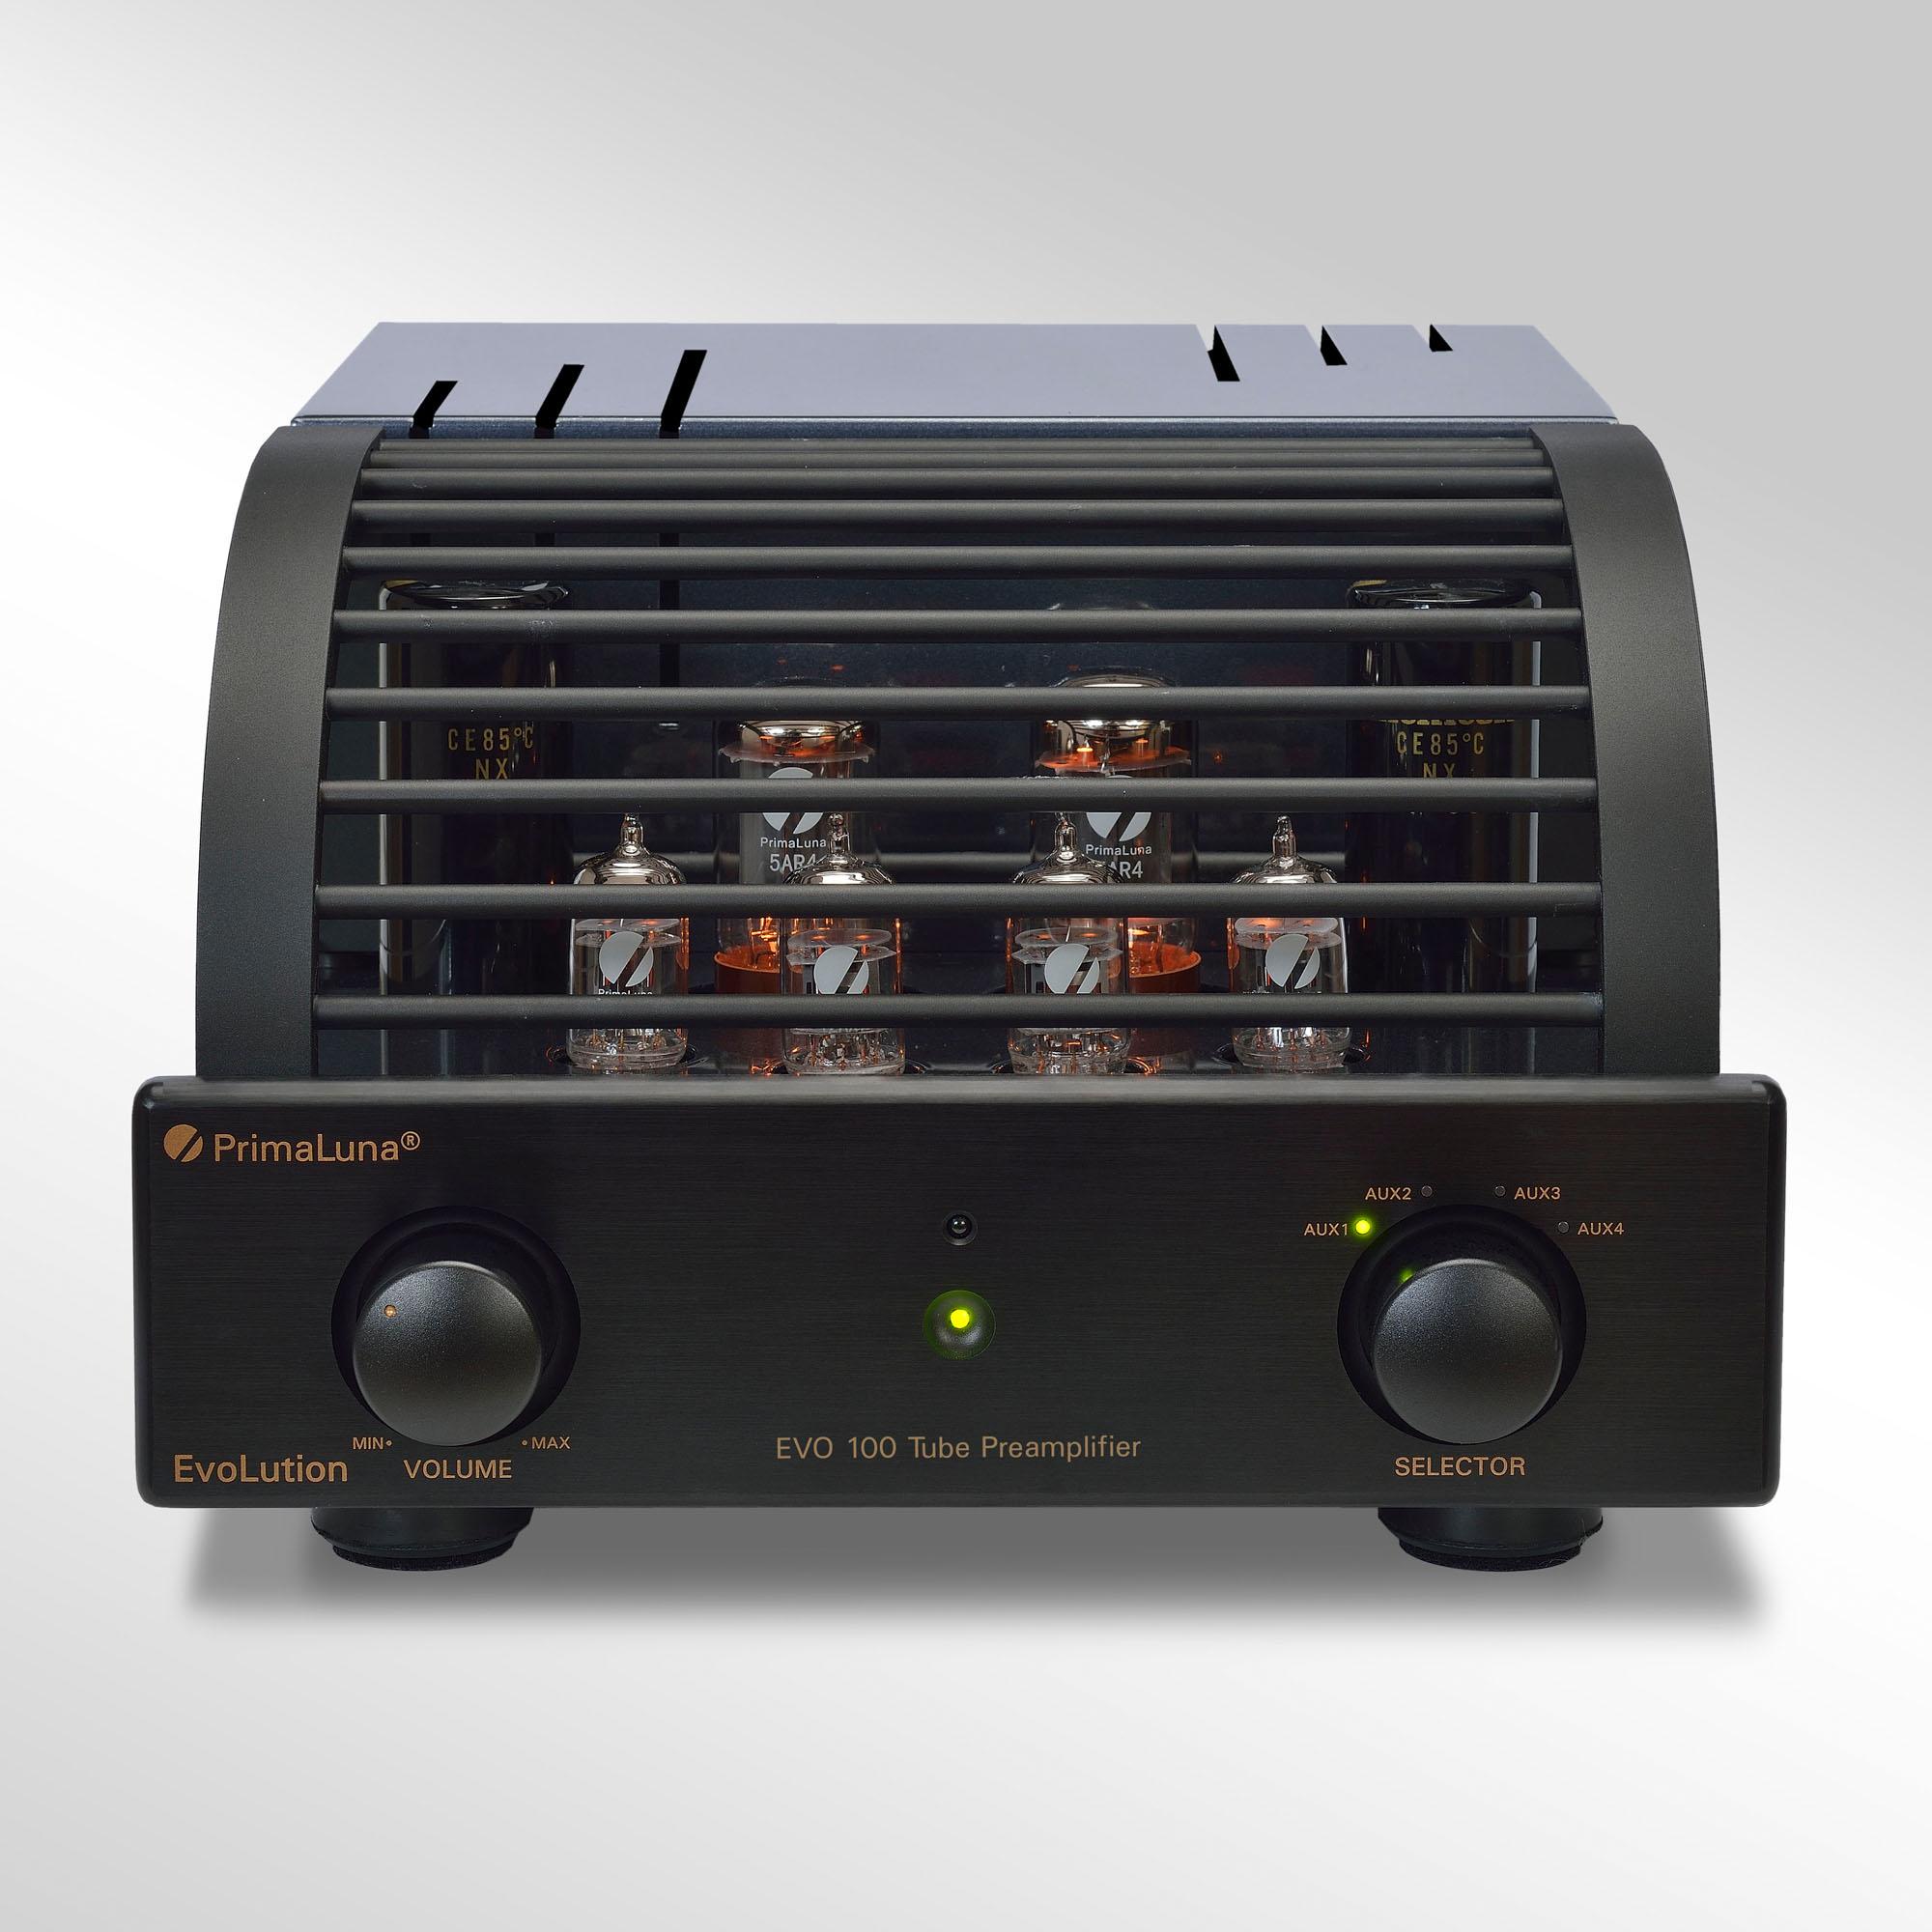 De PrimaLuna Evo 100 voorversterker is de eerste voorversterker van PrimaLuna uit de Evolution 100 serie